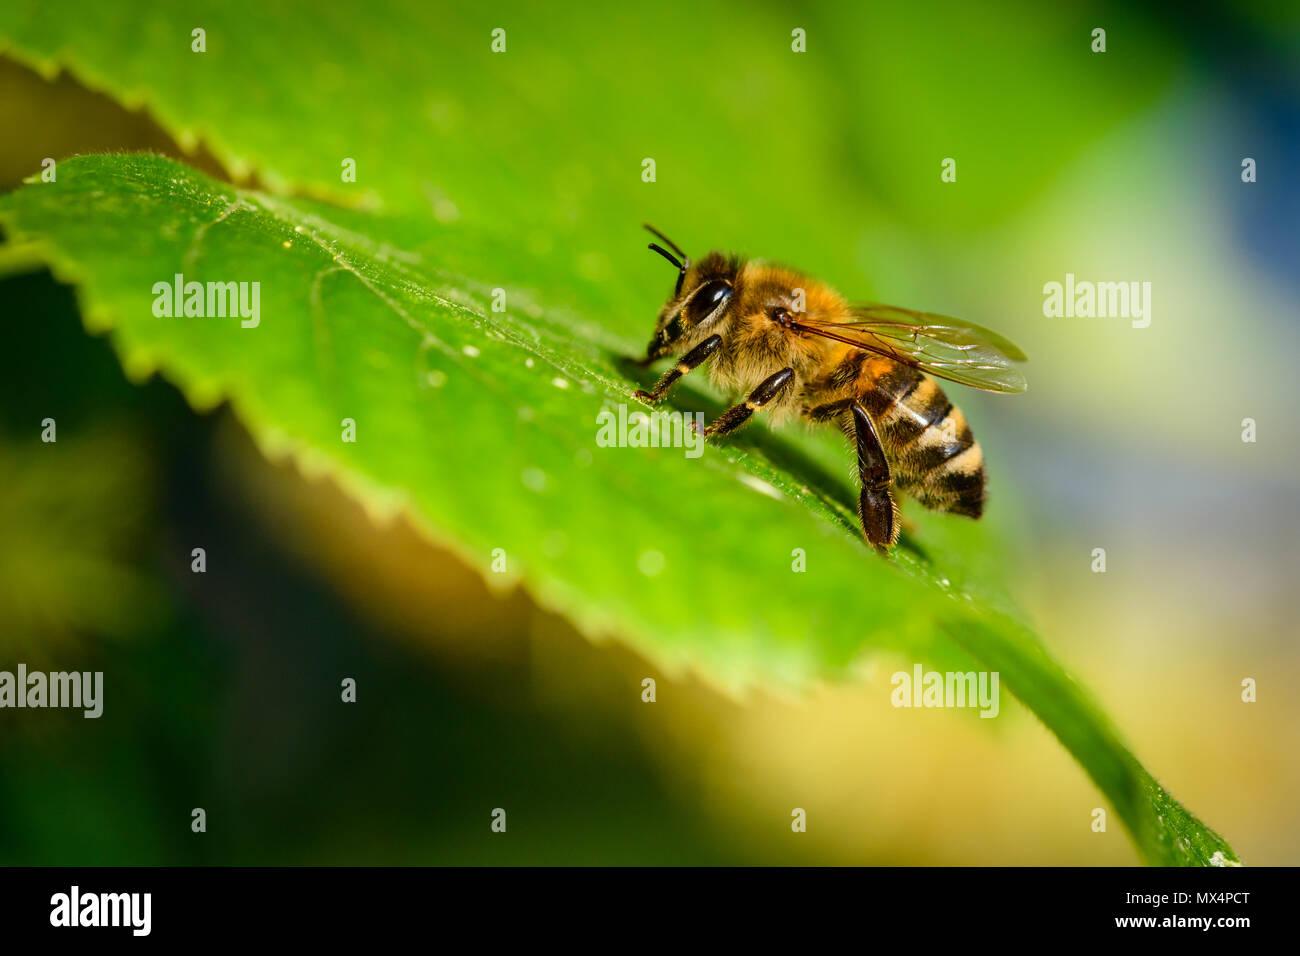 Bumblebee in Linden Blumen, in der Nähe von Bumble Bee Nektar sammeln, Honig Stockbild